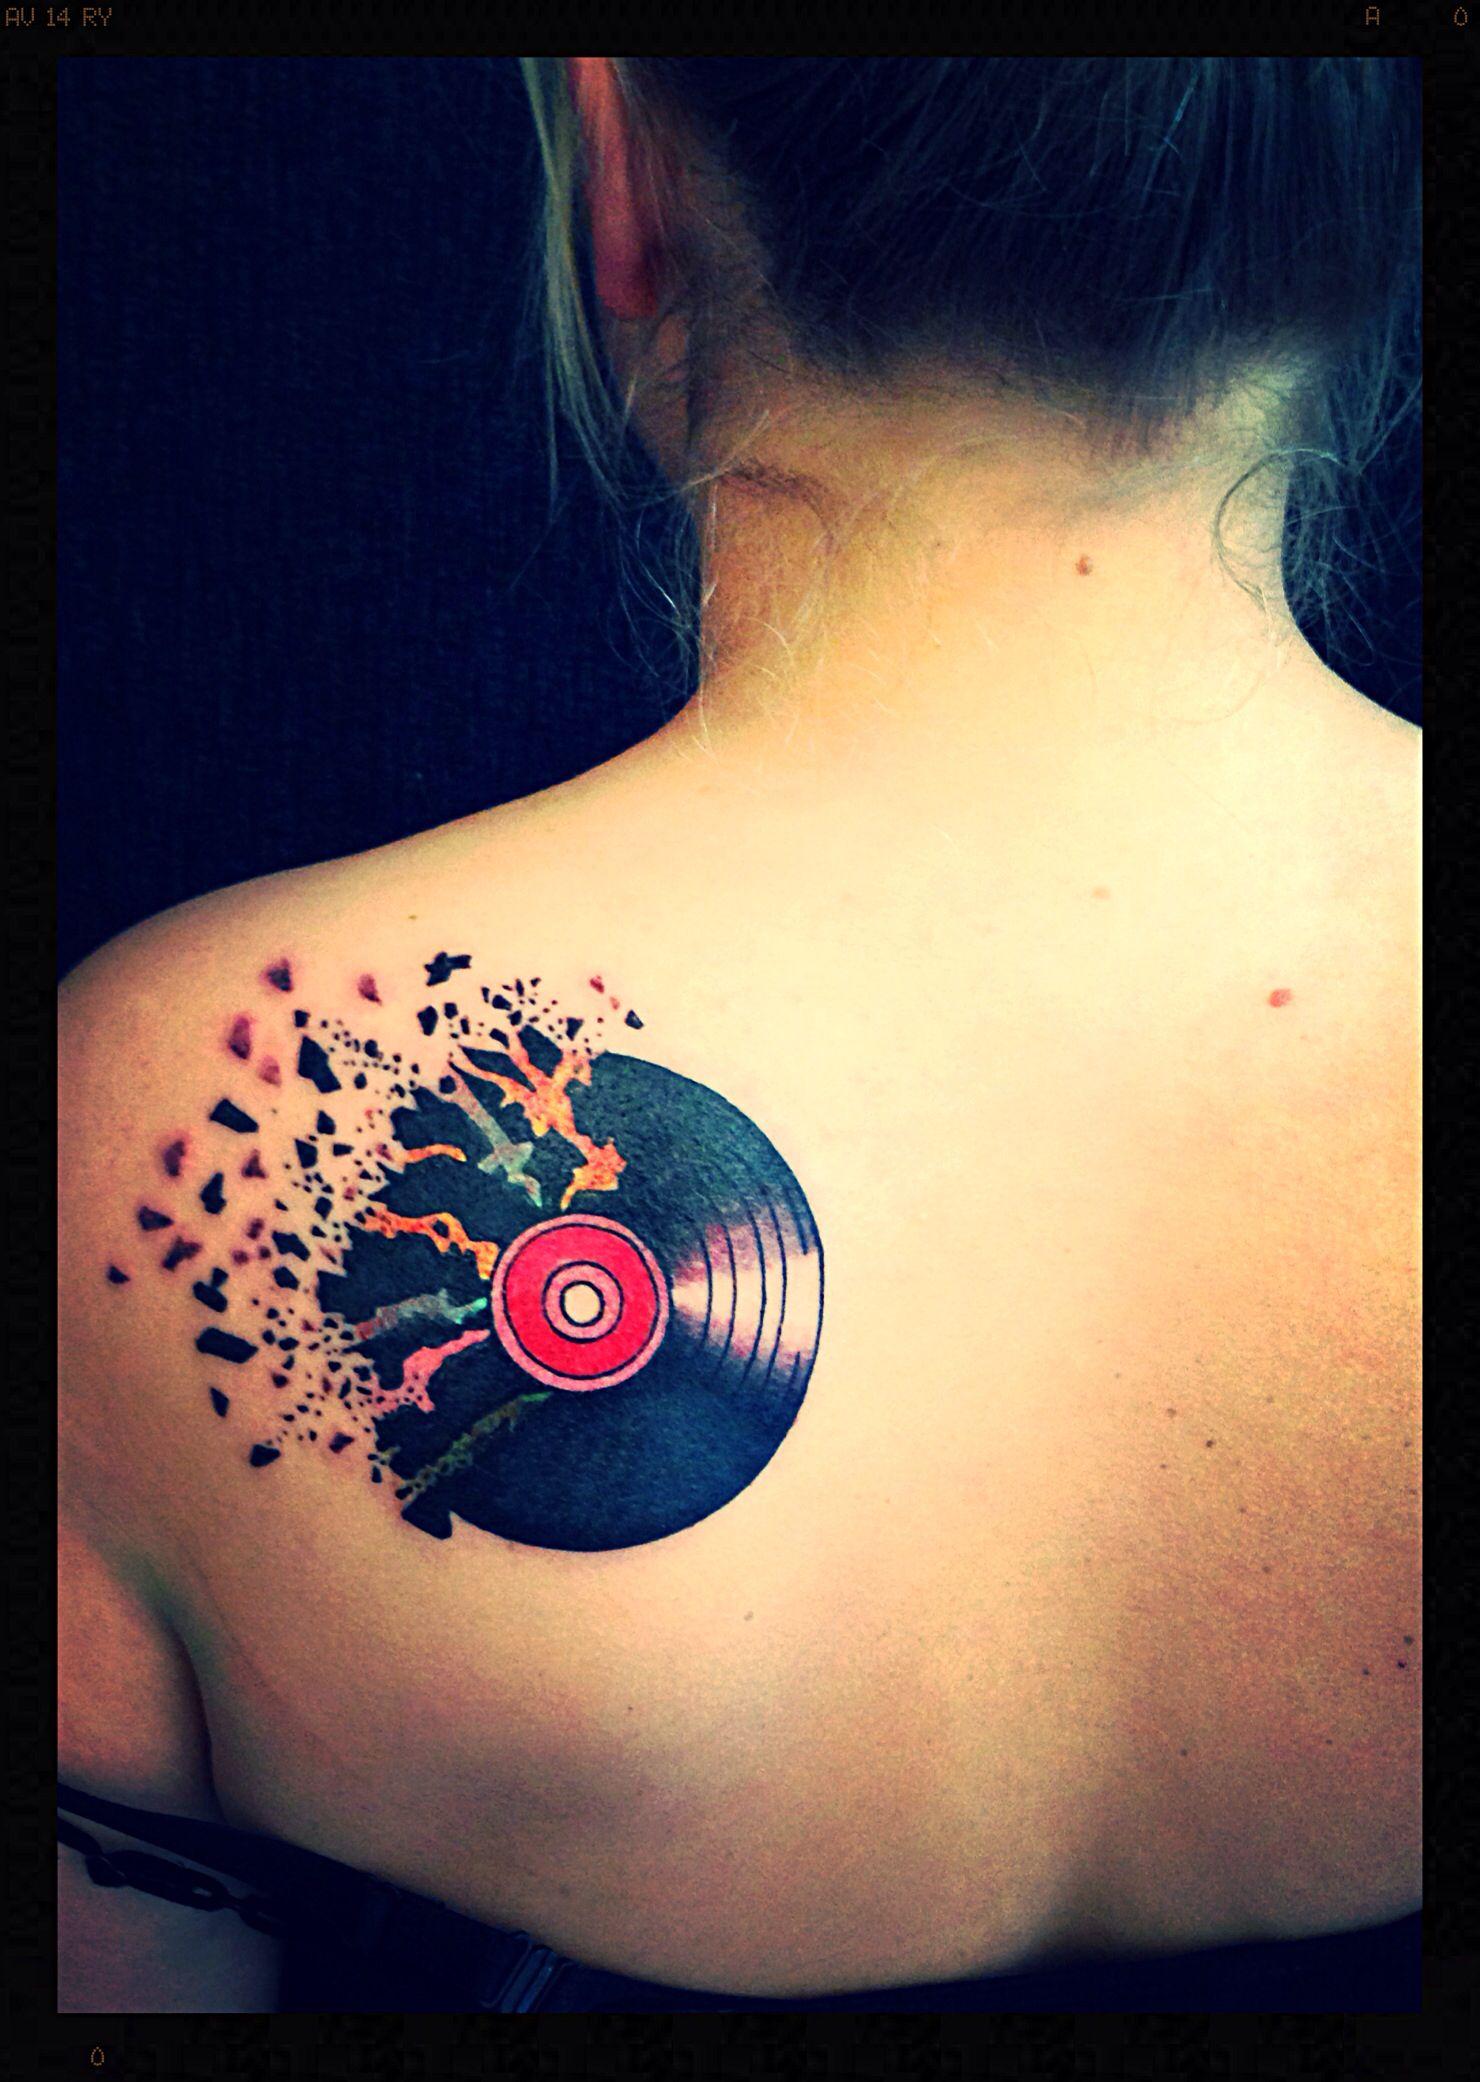 Rock N Roll Tattoo Ideas: Shattered LP Tattoo! Rock 'n Roll, Music, Ink